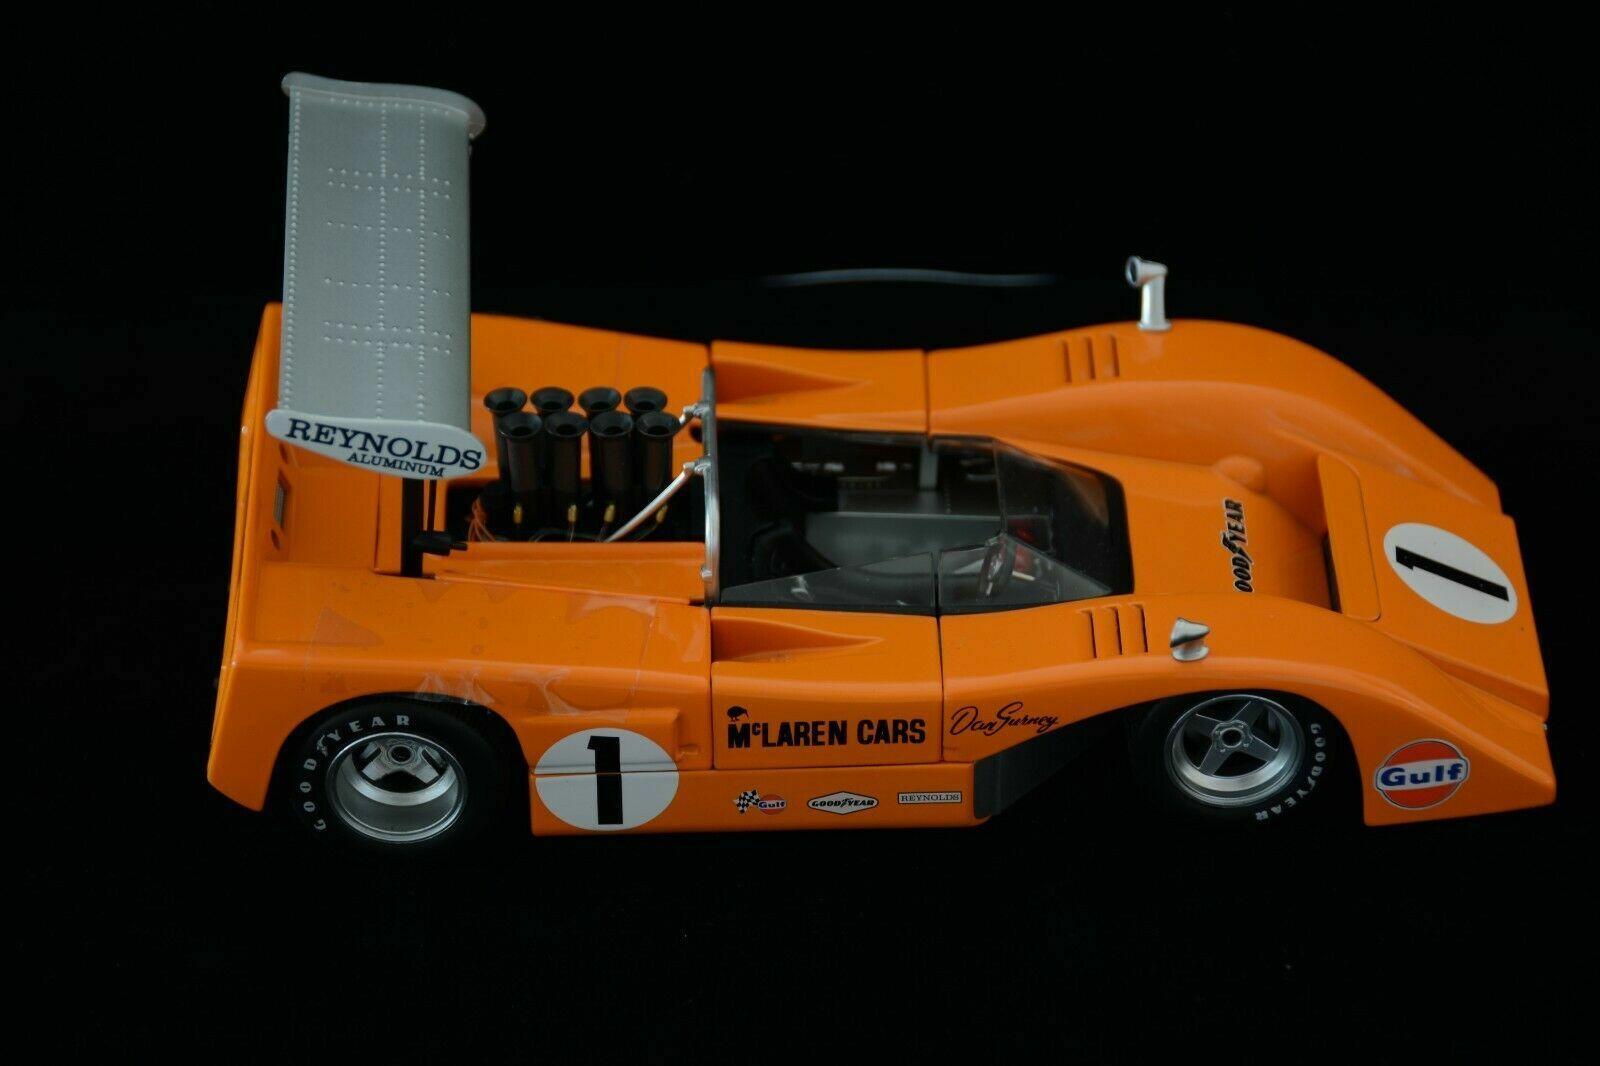 1 18 GMP 1969 Mclaren M 8 B Dan Gurney Voiture de course  1 aile haute Can Am Chevy V8